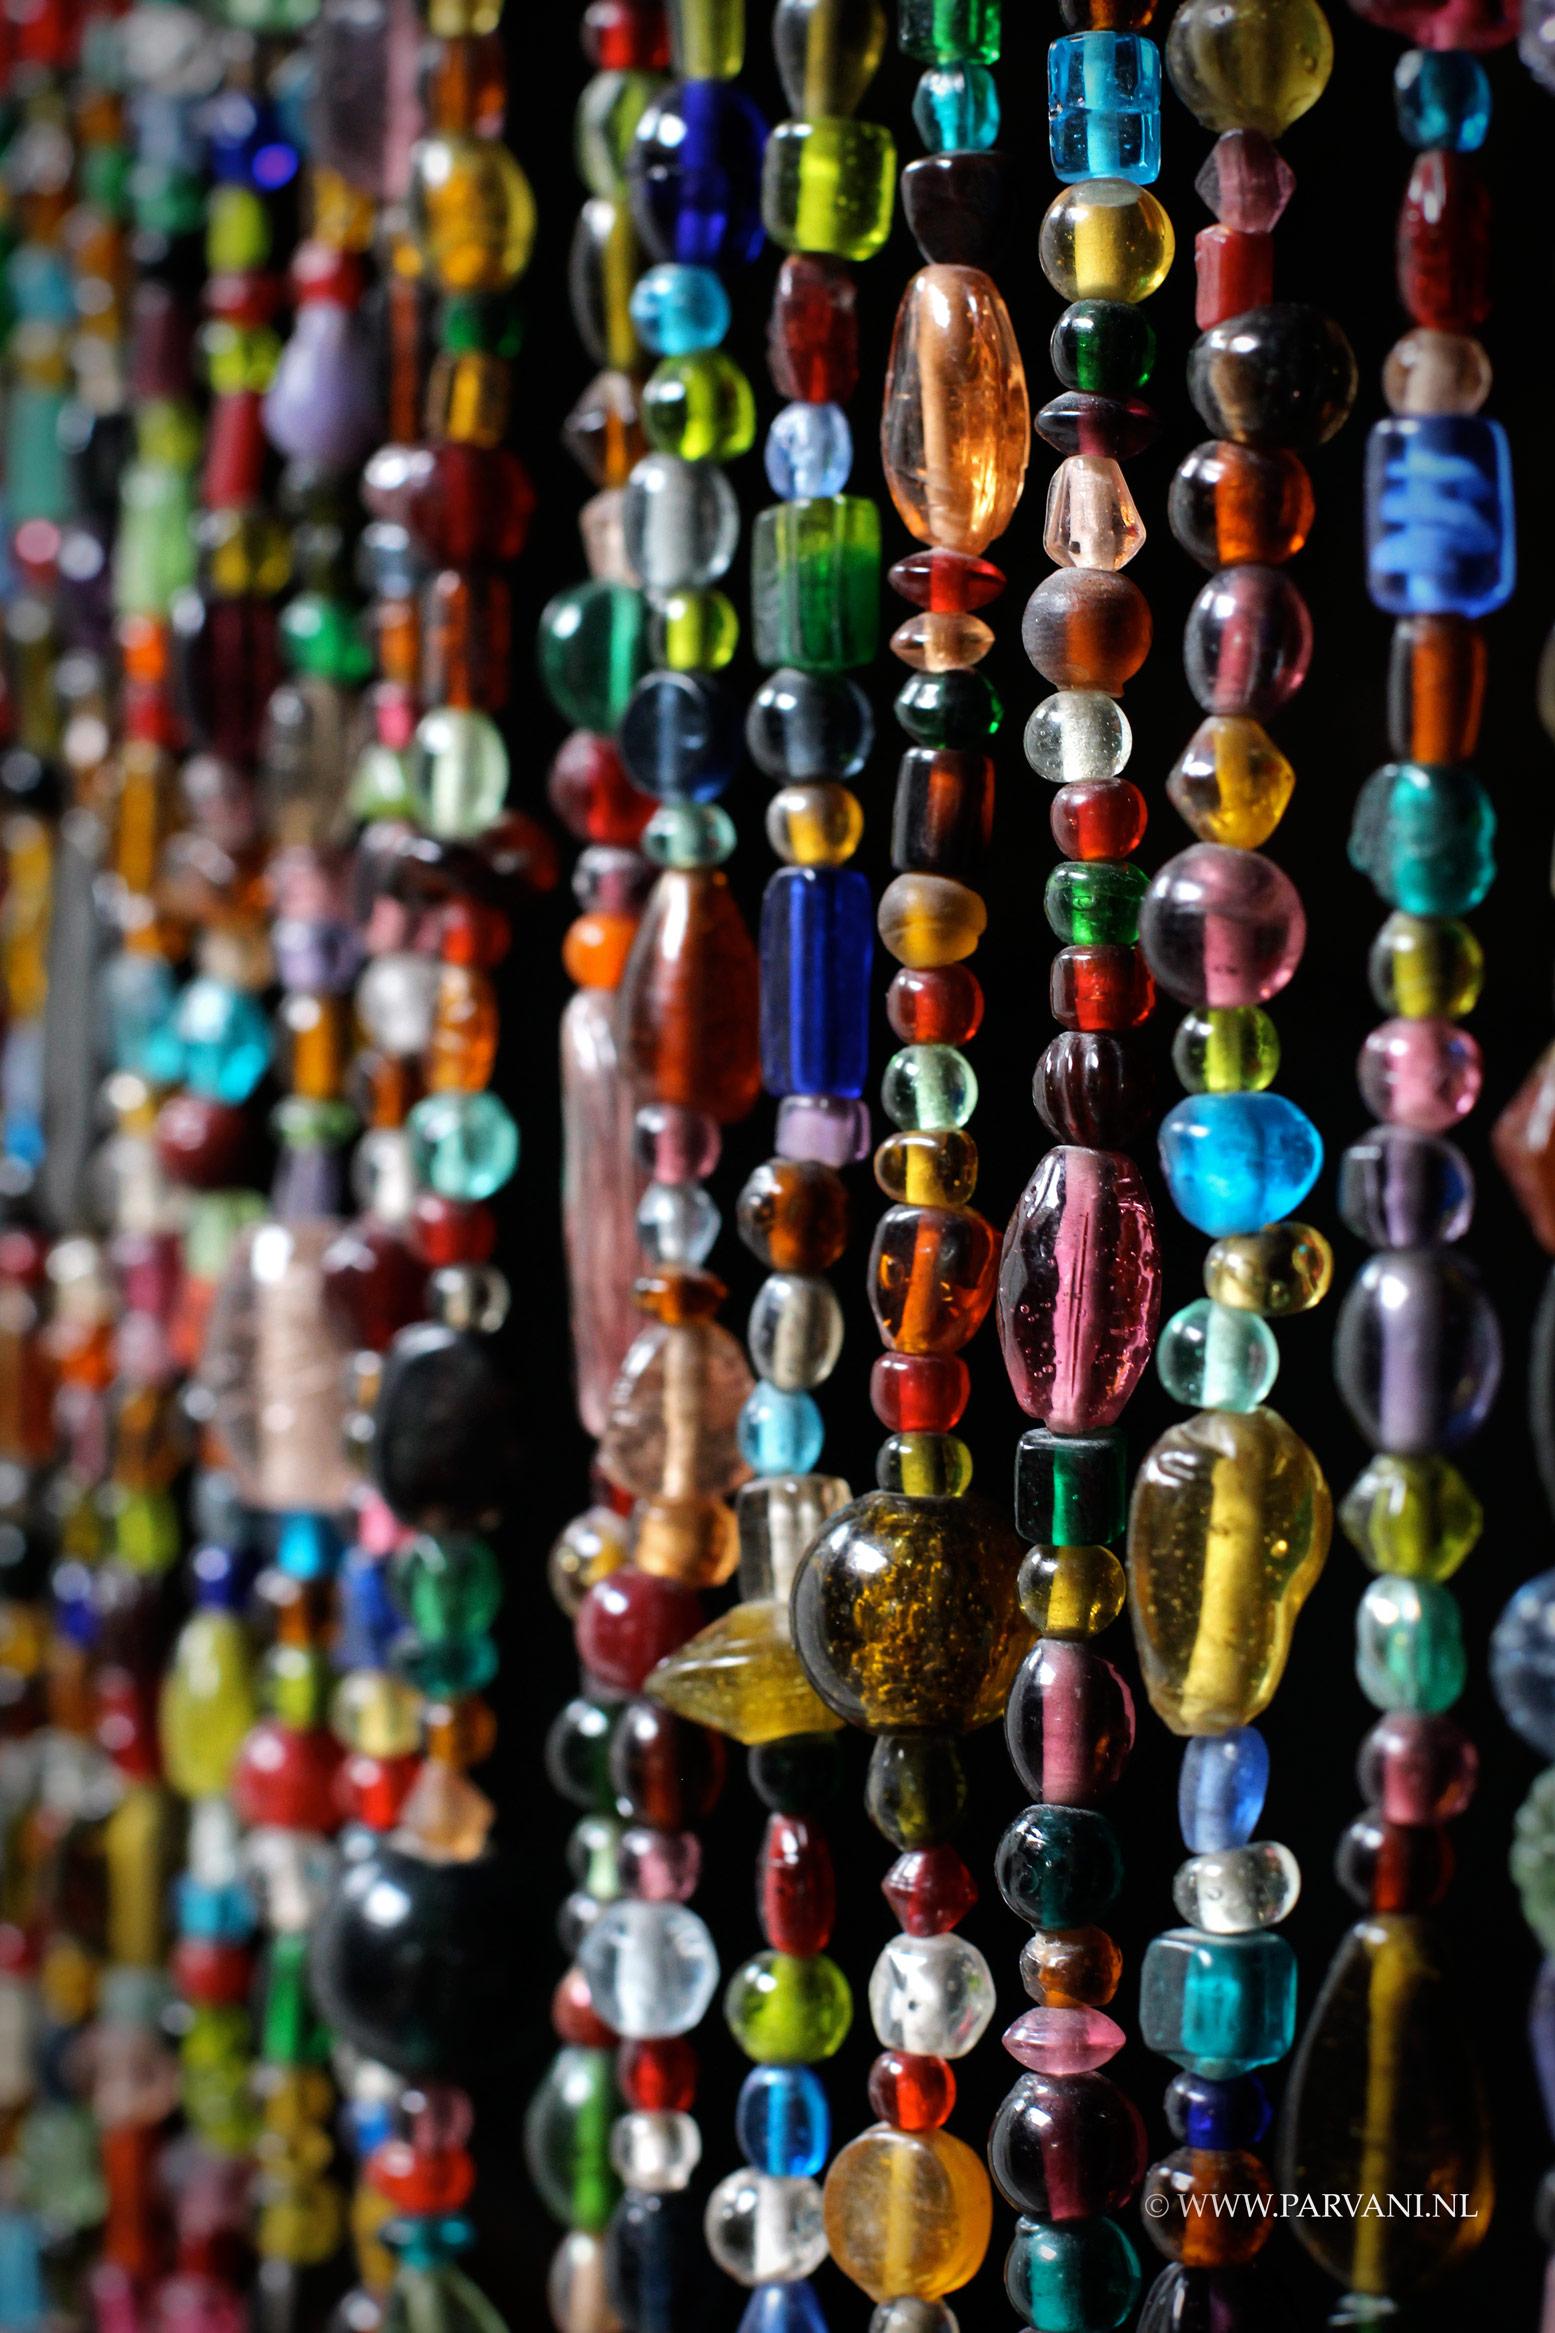 Behang met voertuigen in verschillende kleuren  Fotobehang